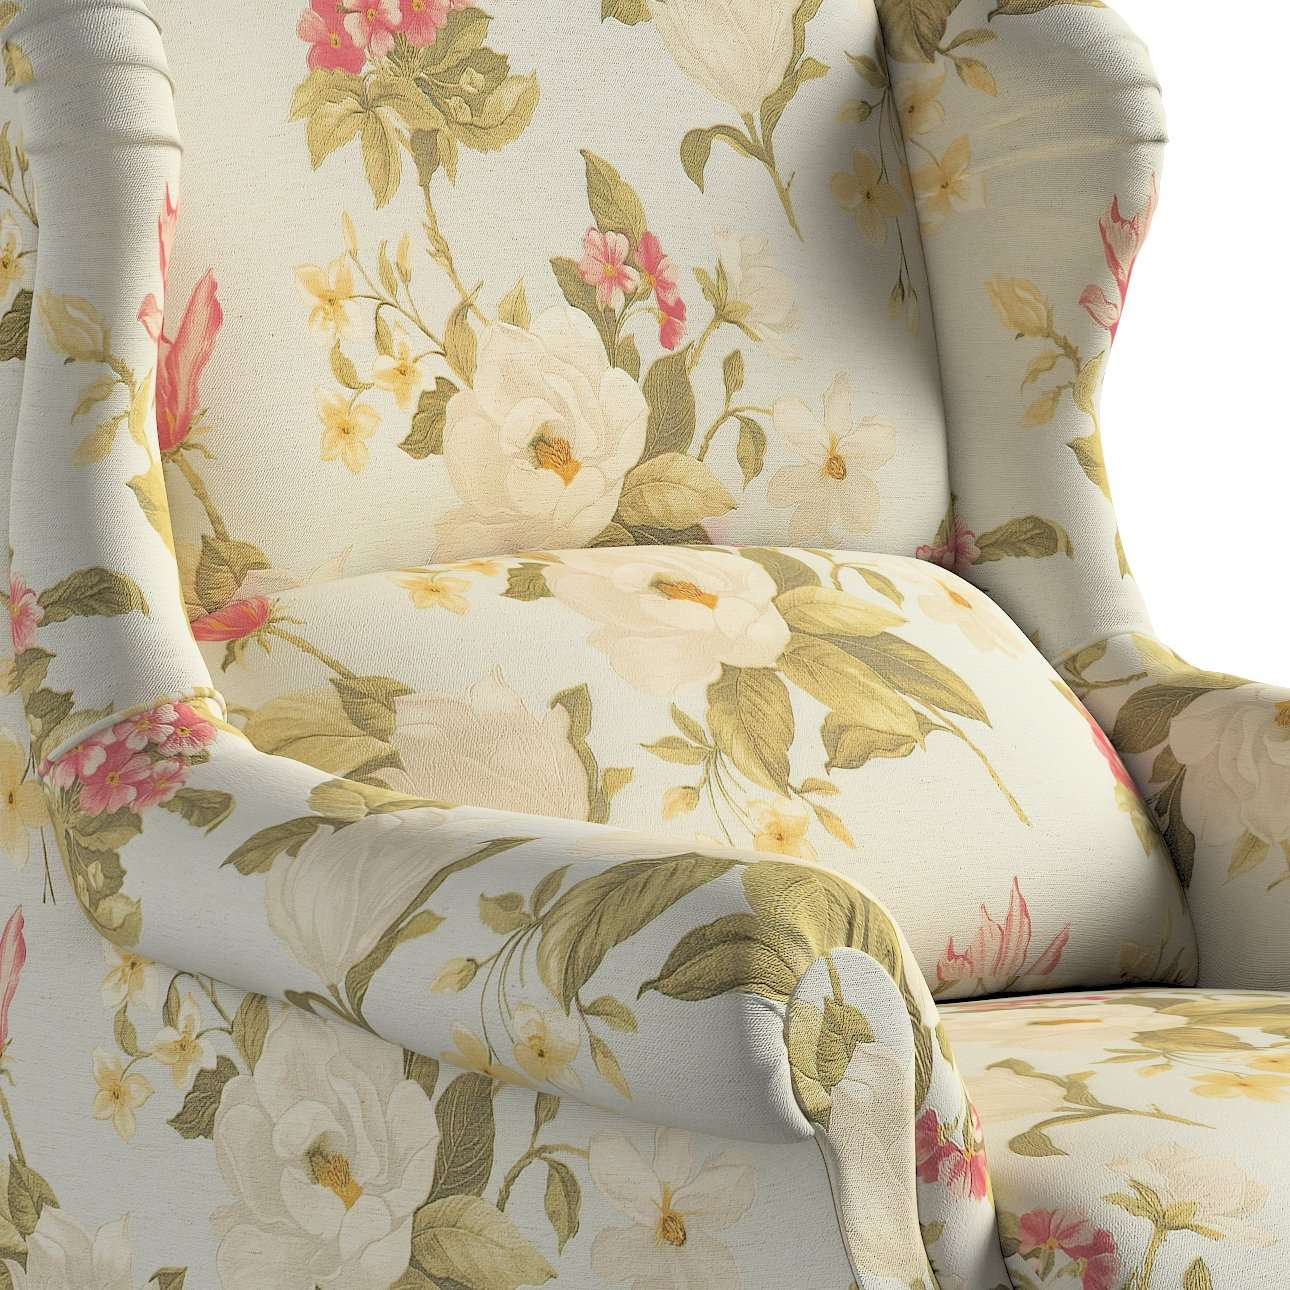 Sessel 63 x 115 cm von der Kollektion Londres, Stoff: 123-65